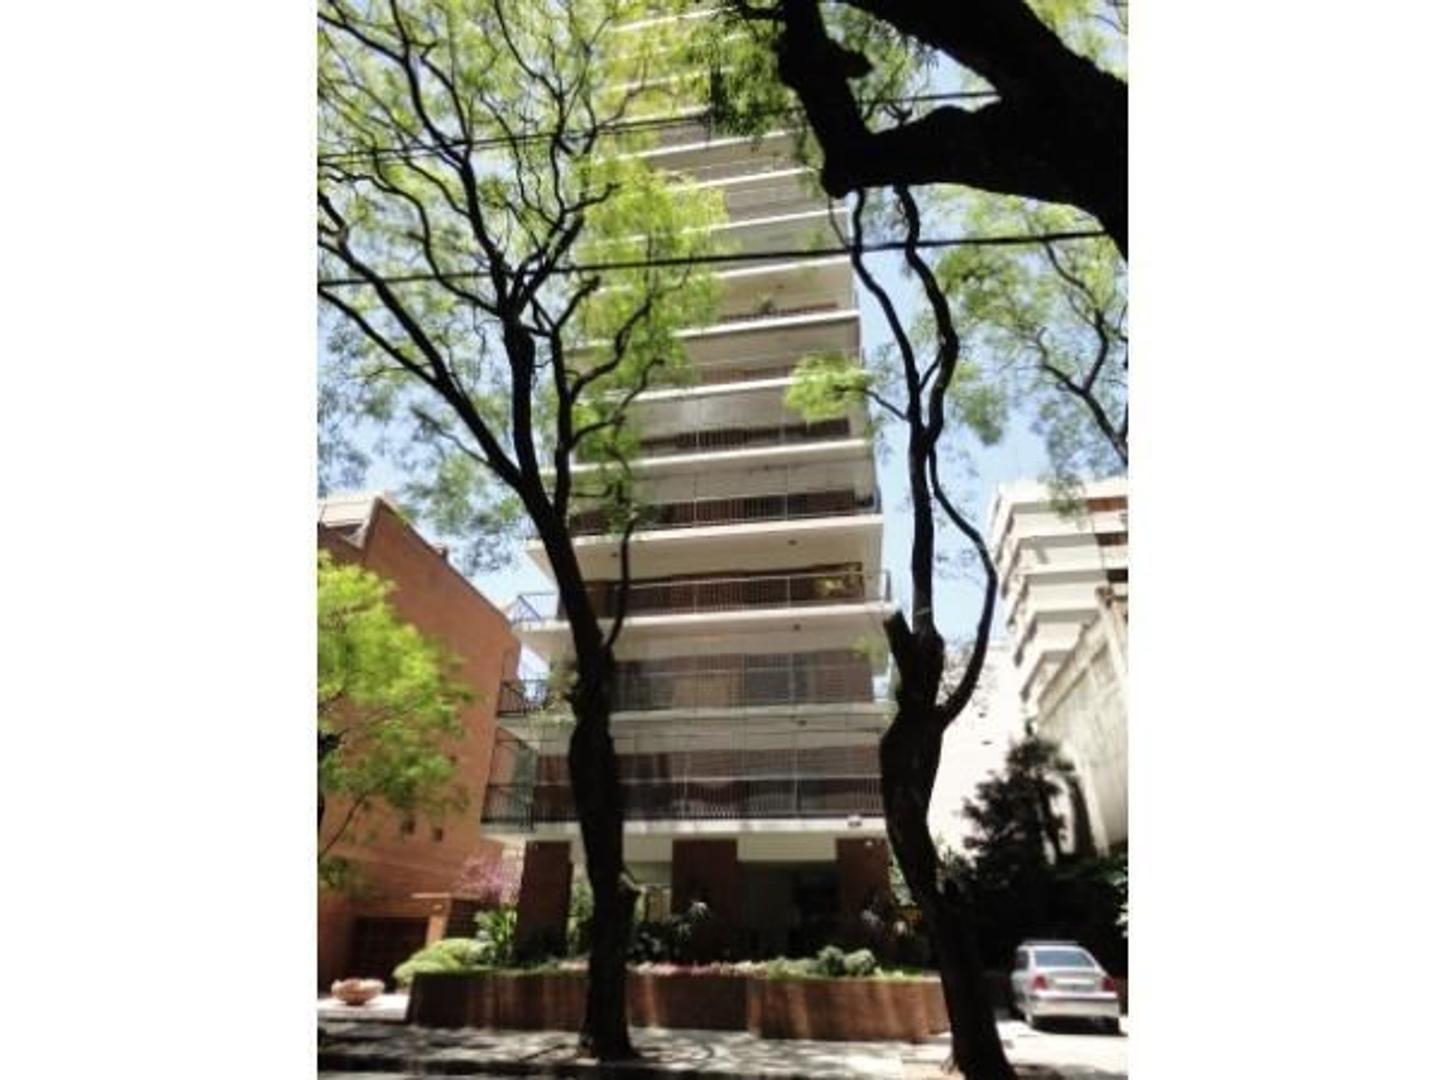 Departamento  en Alquiler ubicado en Belgrano, Capital Federal - PRO0278_LP11862_6